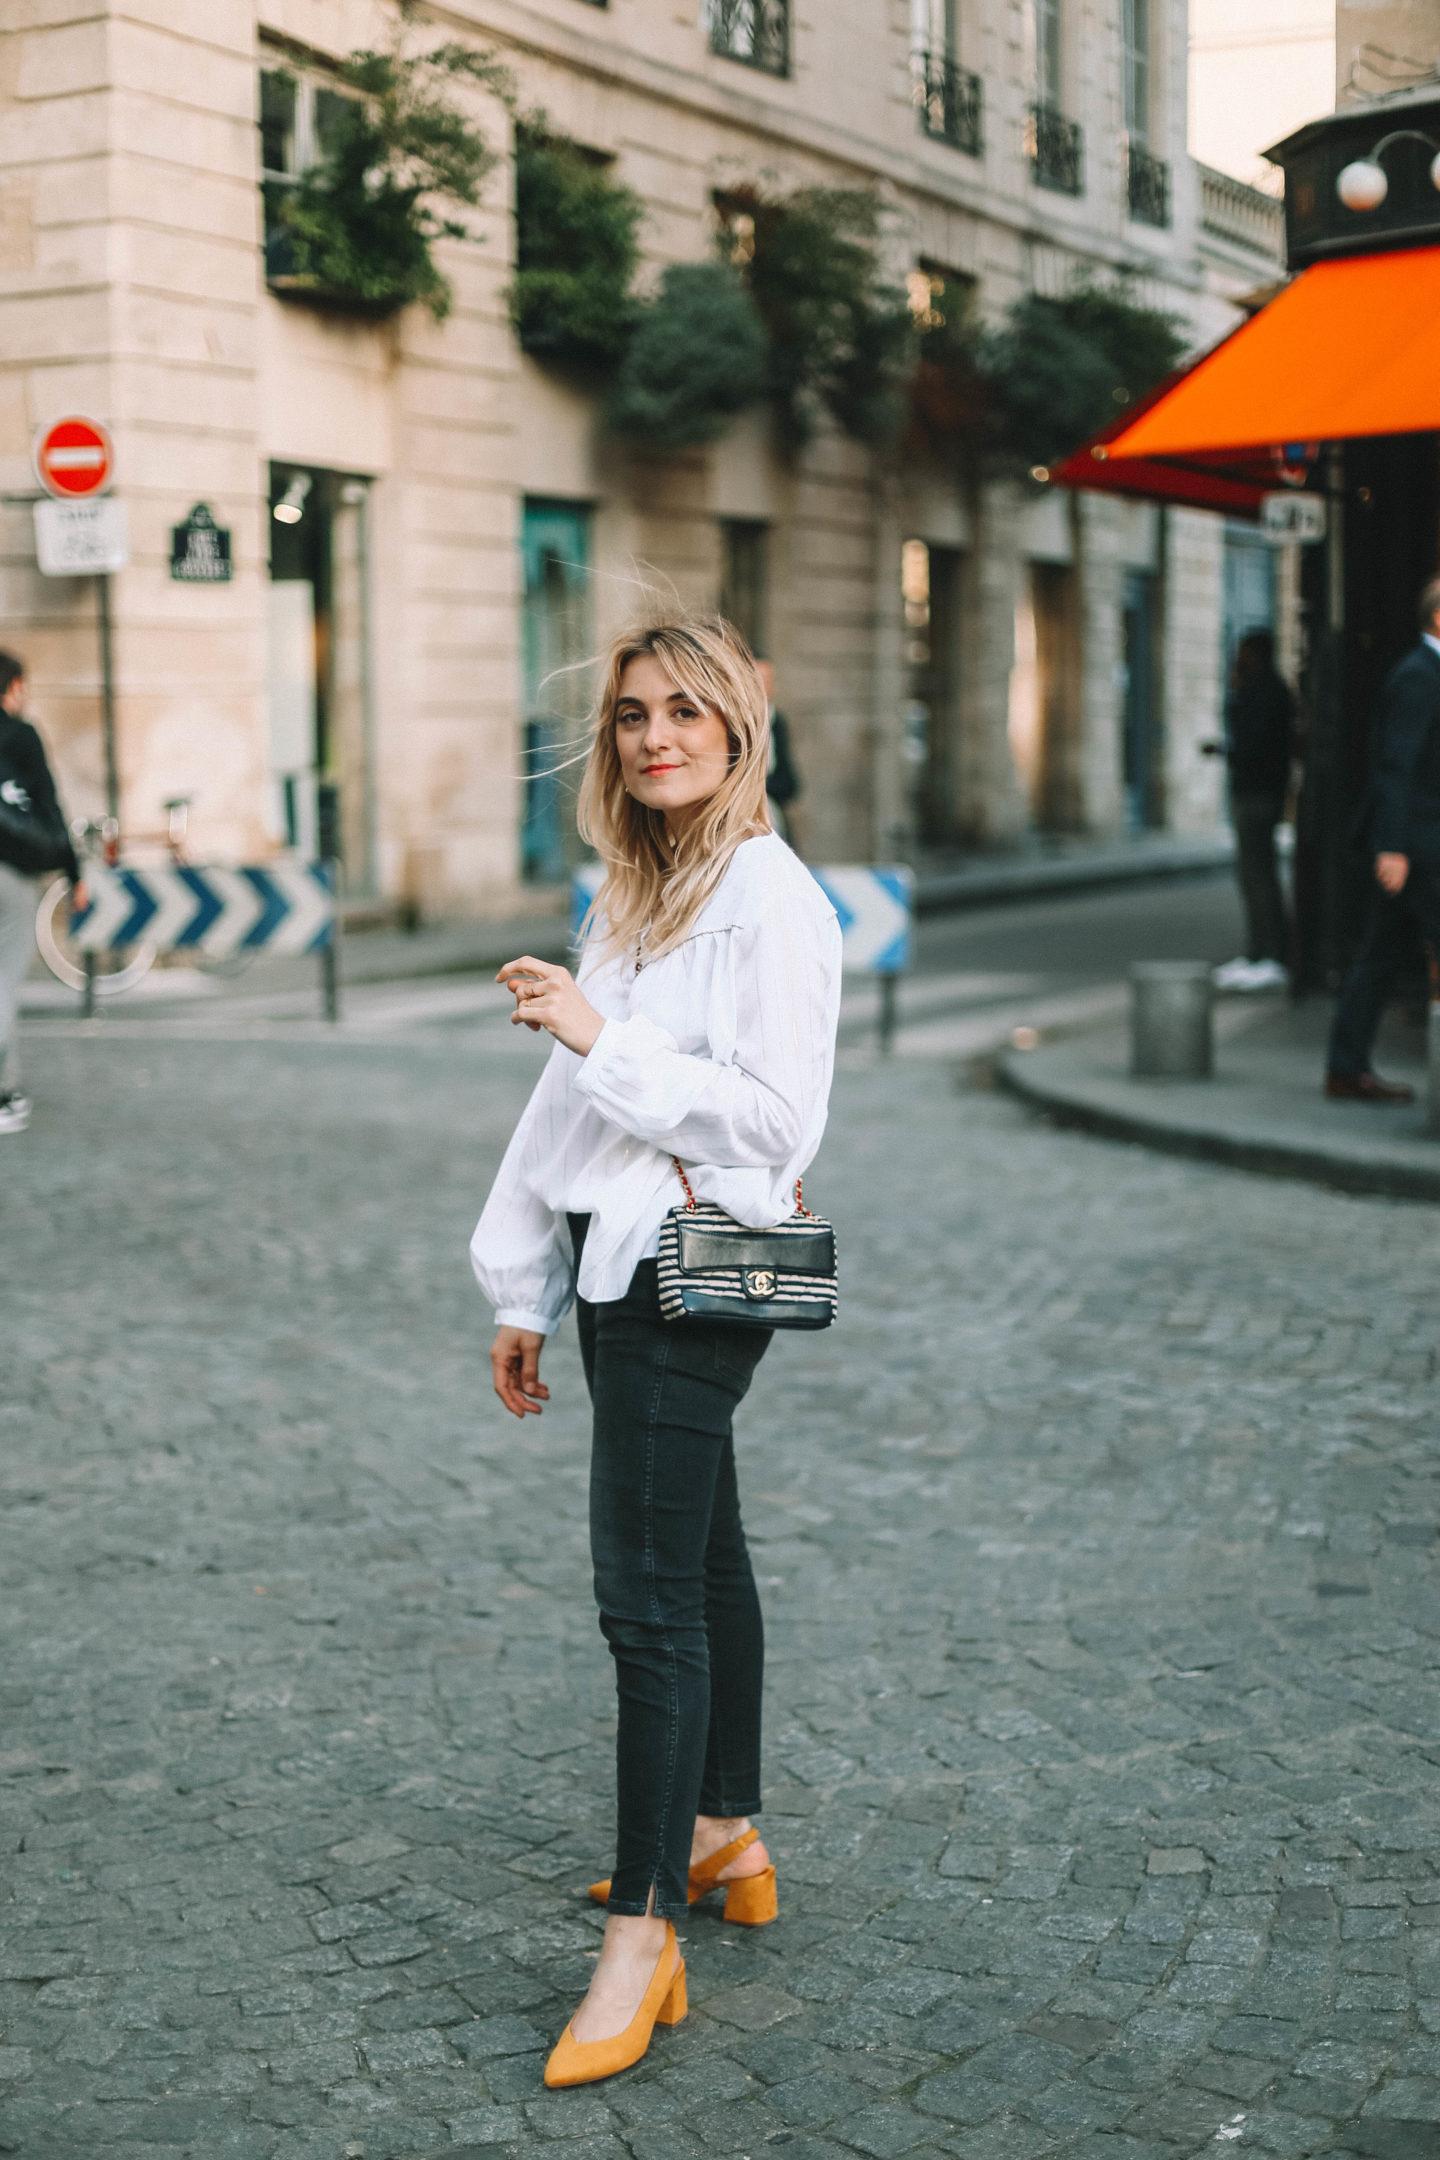 Esarpins Stradivarius - Blondie Baby blog mode Paris et voyages